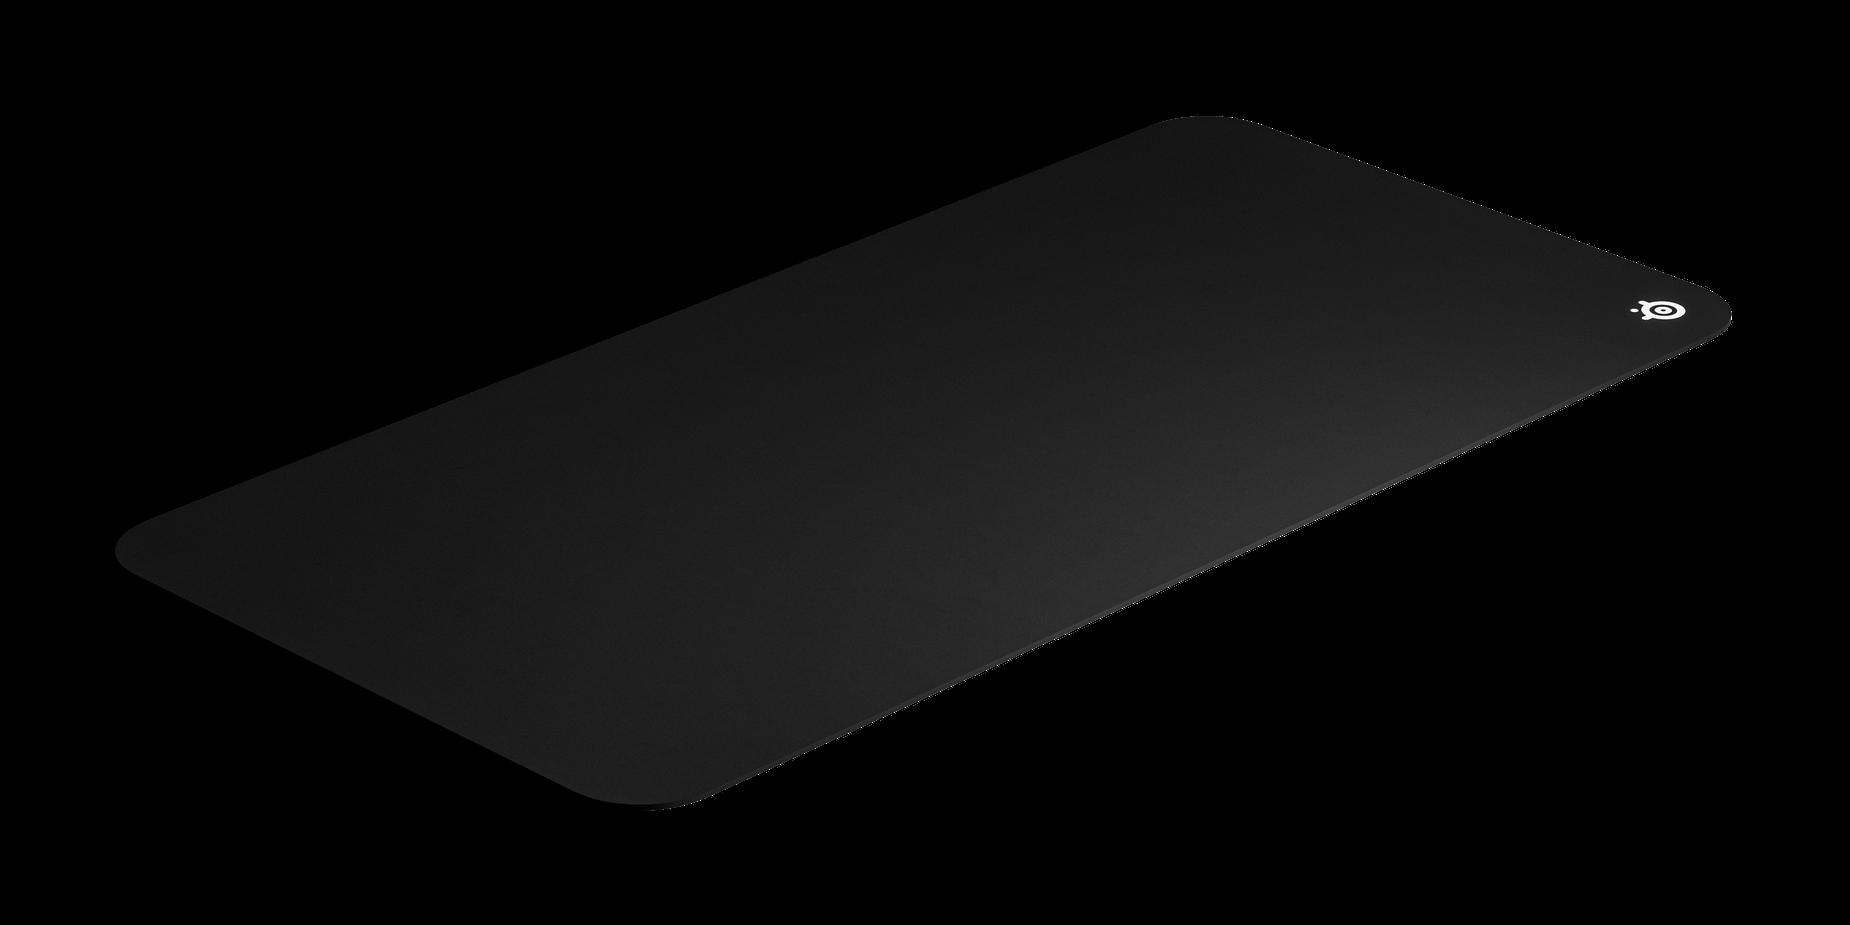 サイズ比較のために斜めに置かれたマウスパッドの画像